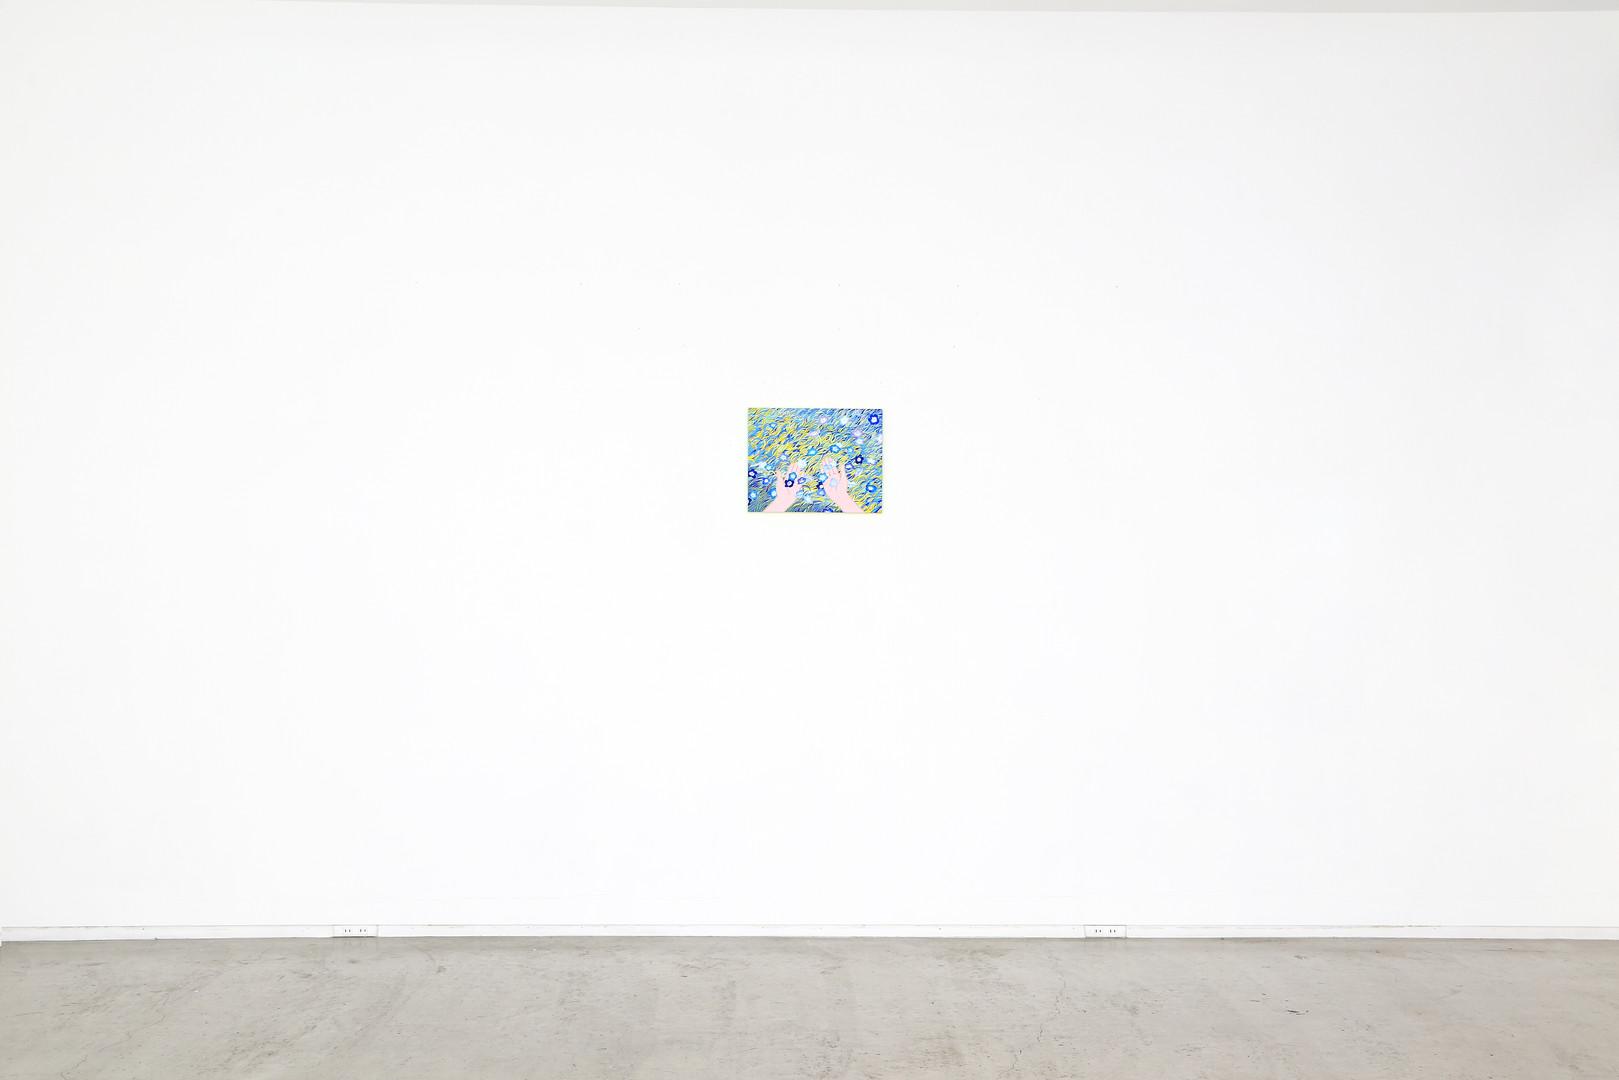 池田 幸穂 / Sachiho Ikeda